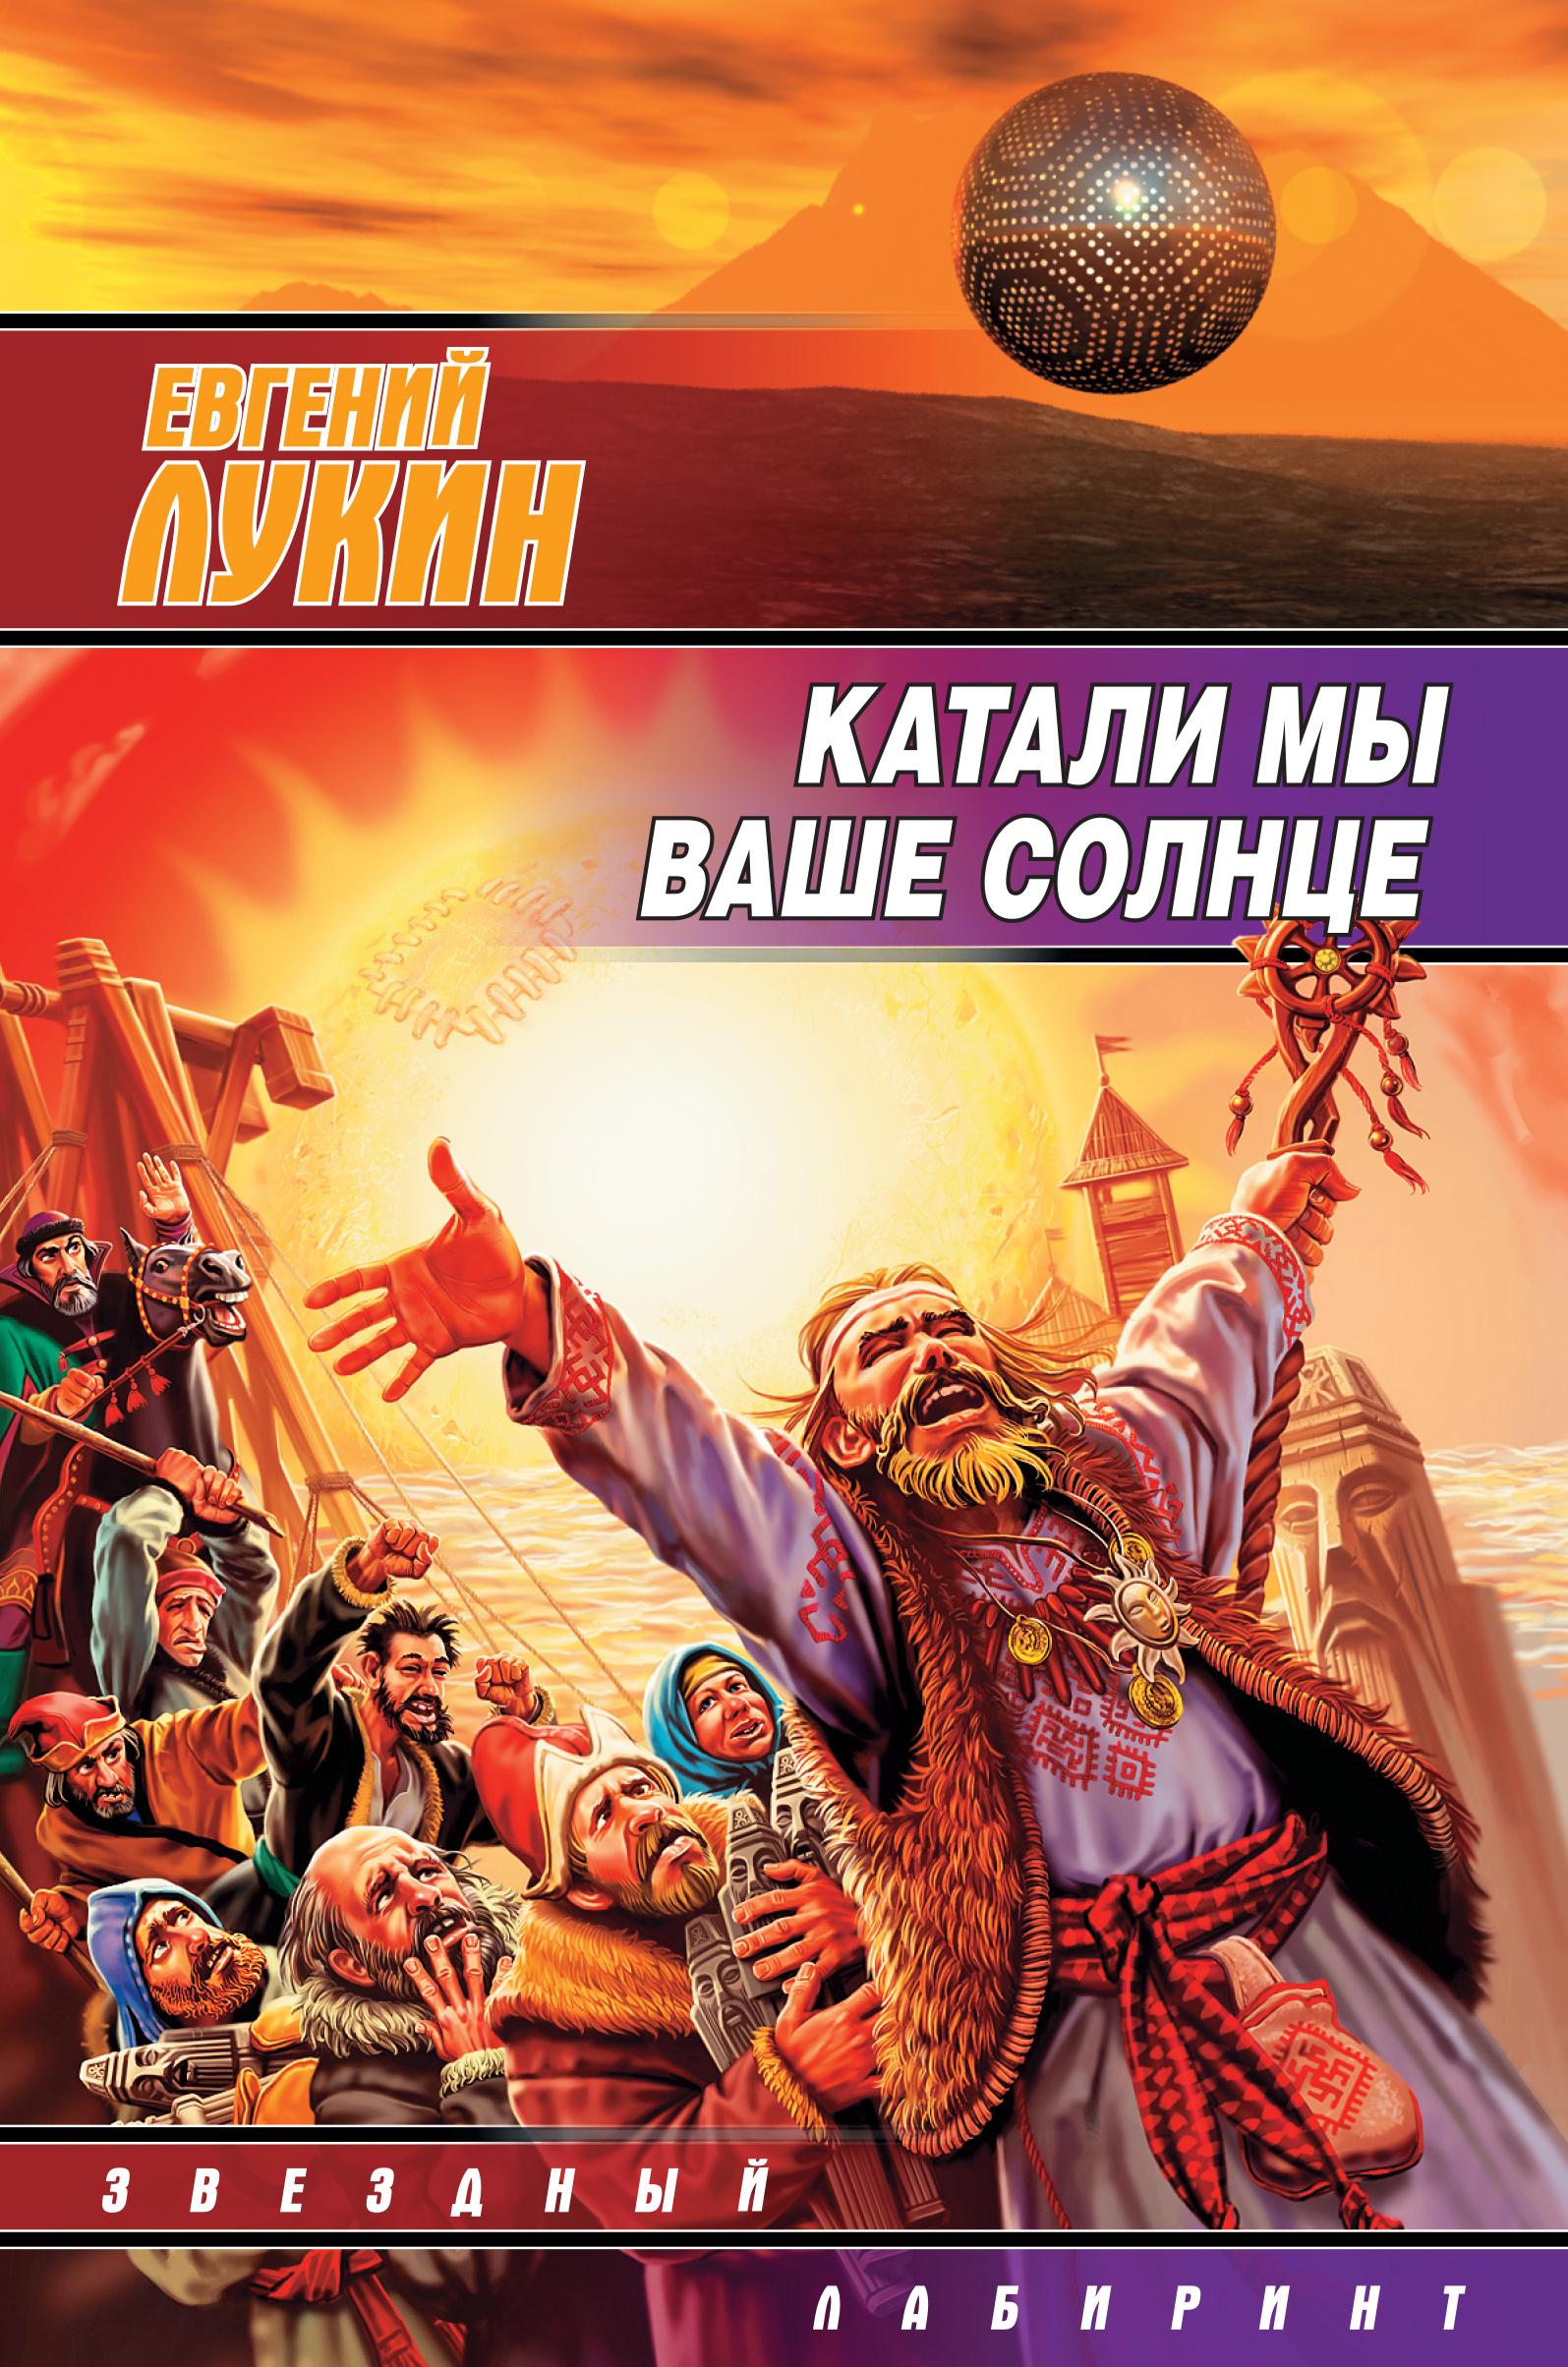 Евгений Лукин «Катали мы ваше солнце»